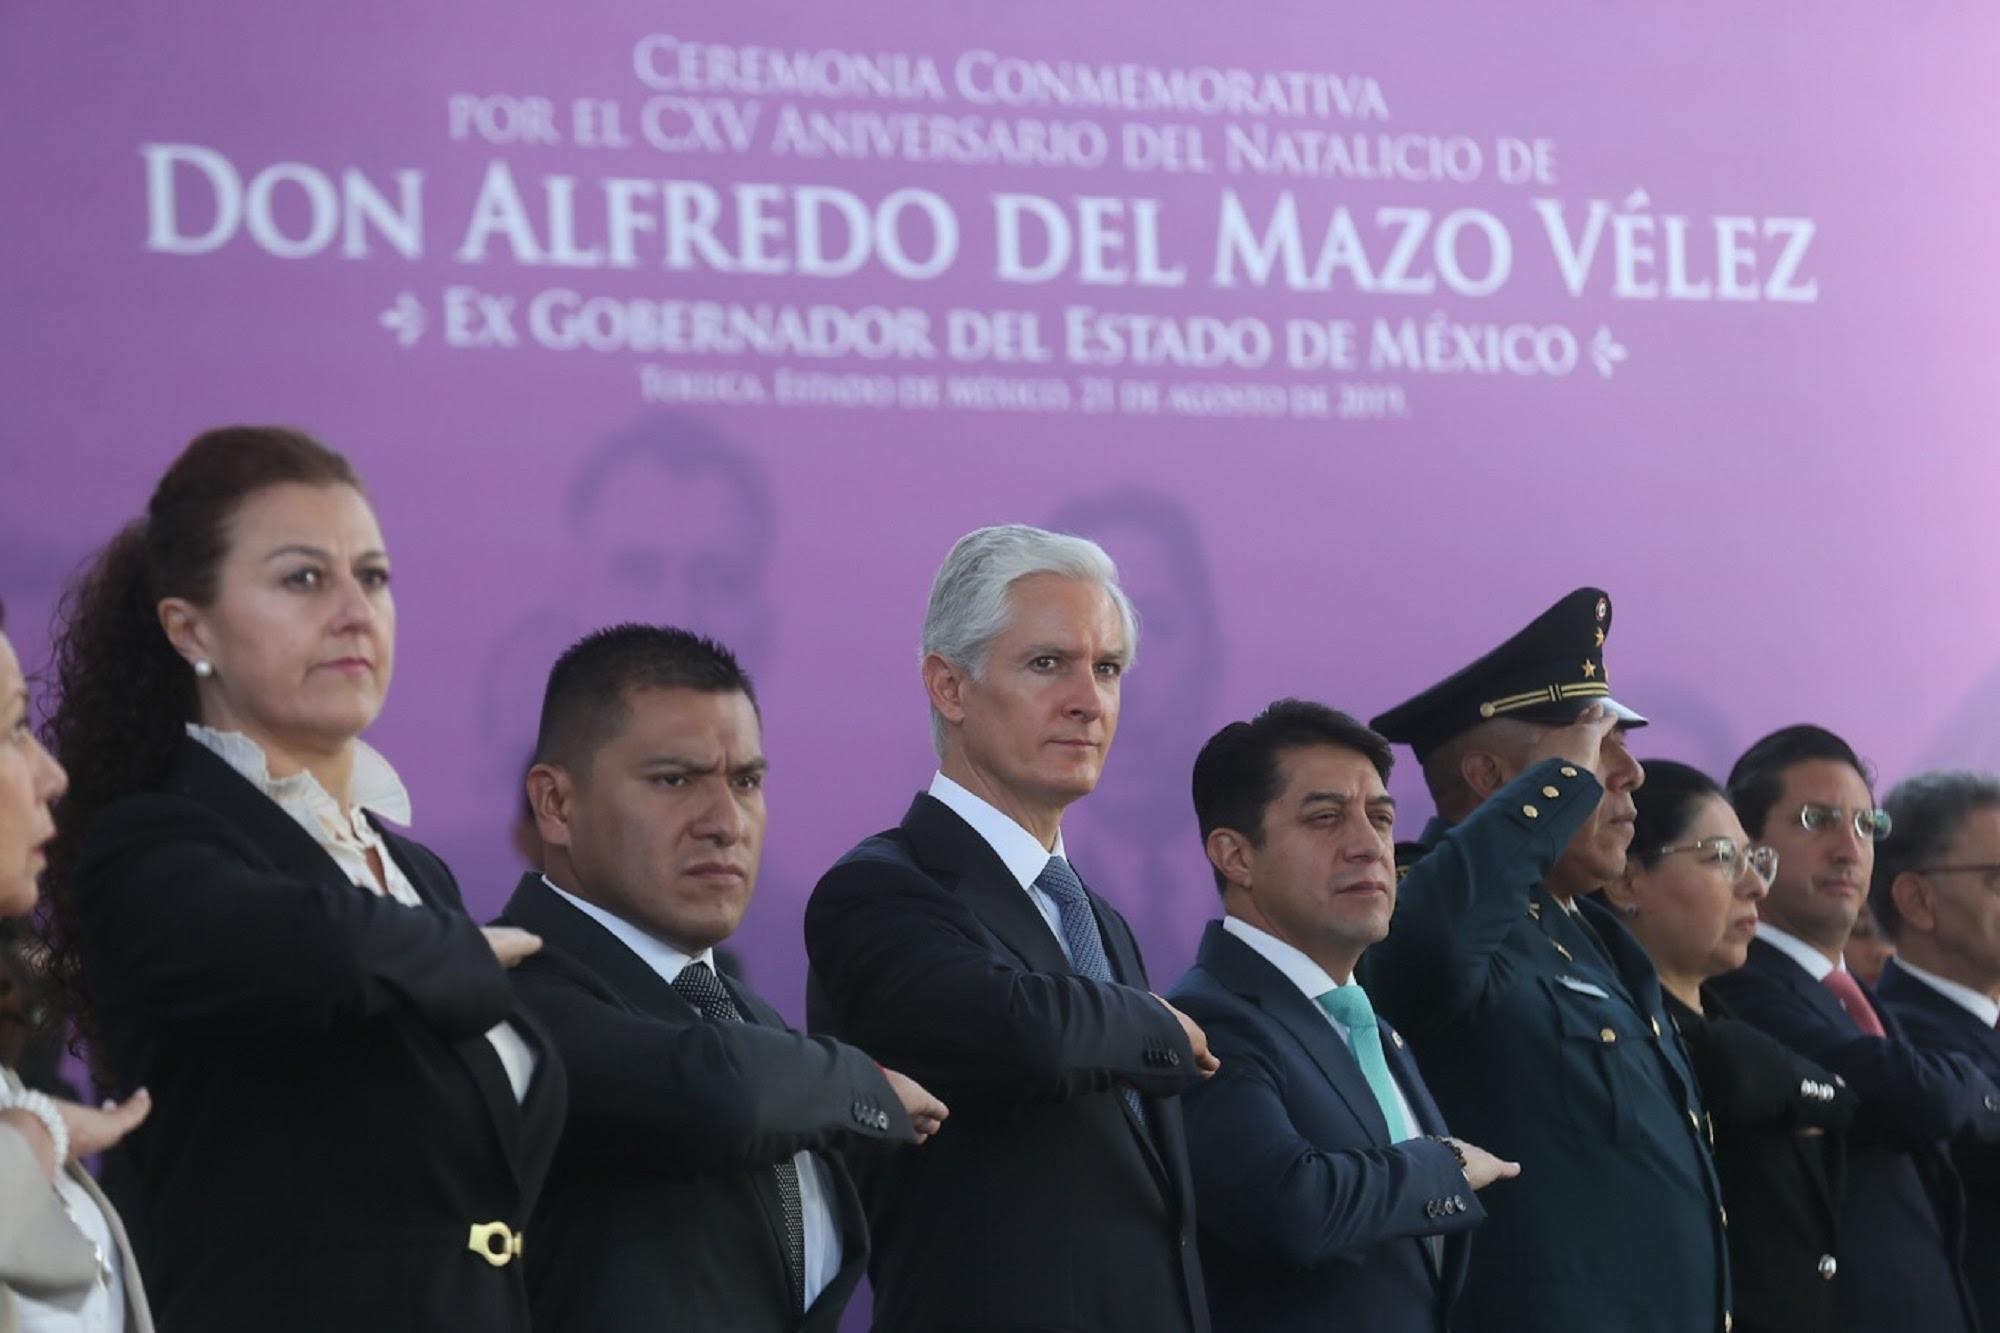 Conmemoran 115 aniversario del natalicio de Alfredo del Mazo Vélez